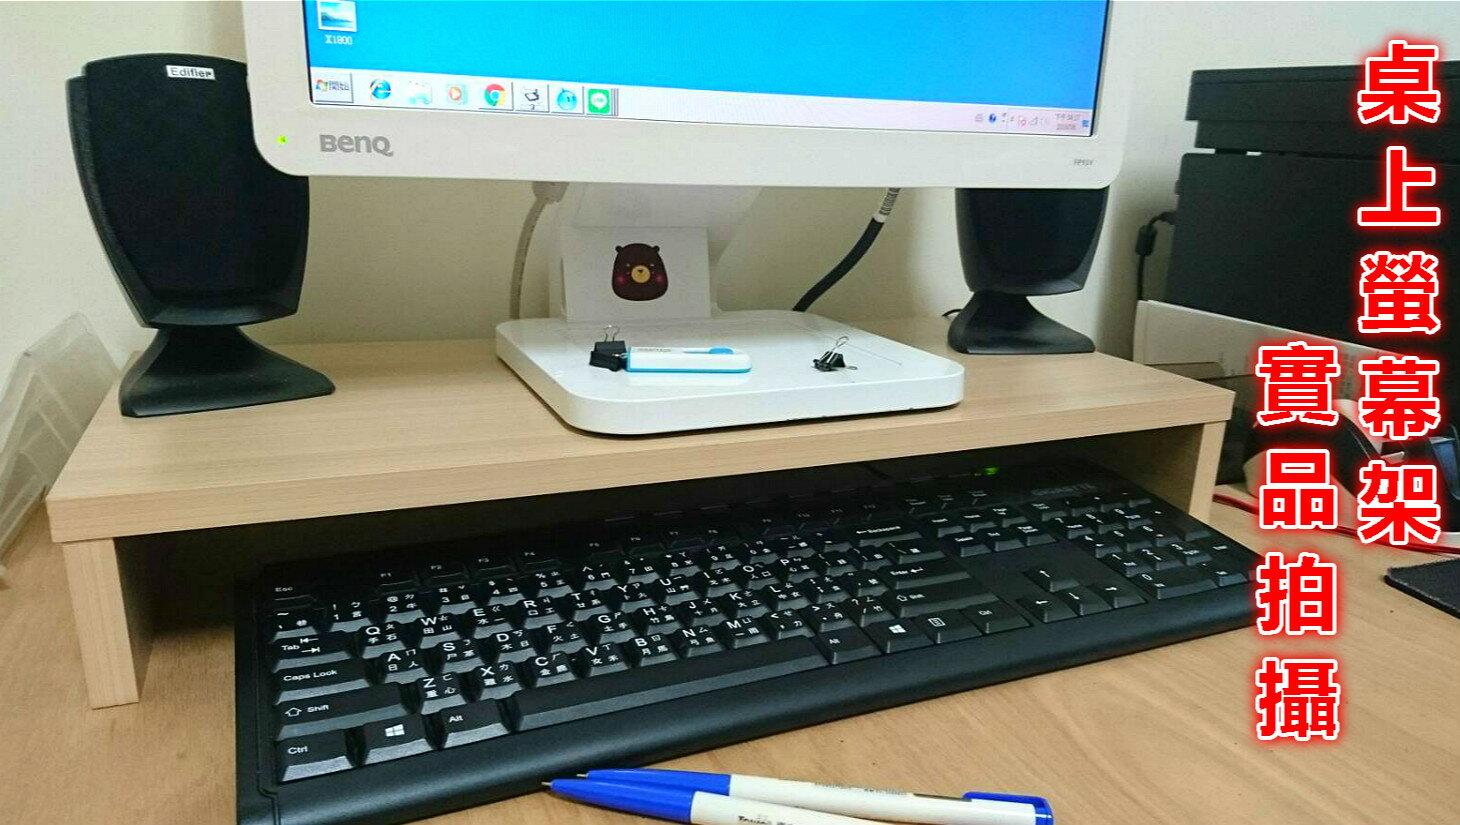 價 全台 超強桌面收納 防潑水桌上螢幕架 筆電架 電腦架液晶電視桌上型電腦筆電電競鍵盤滑鼠